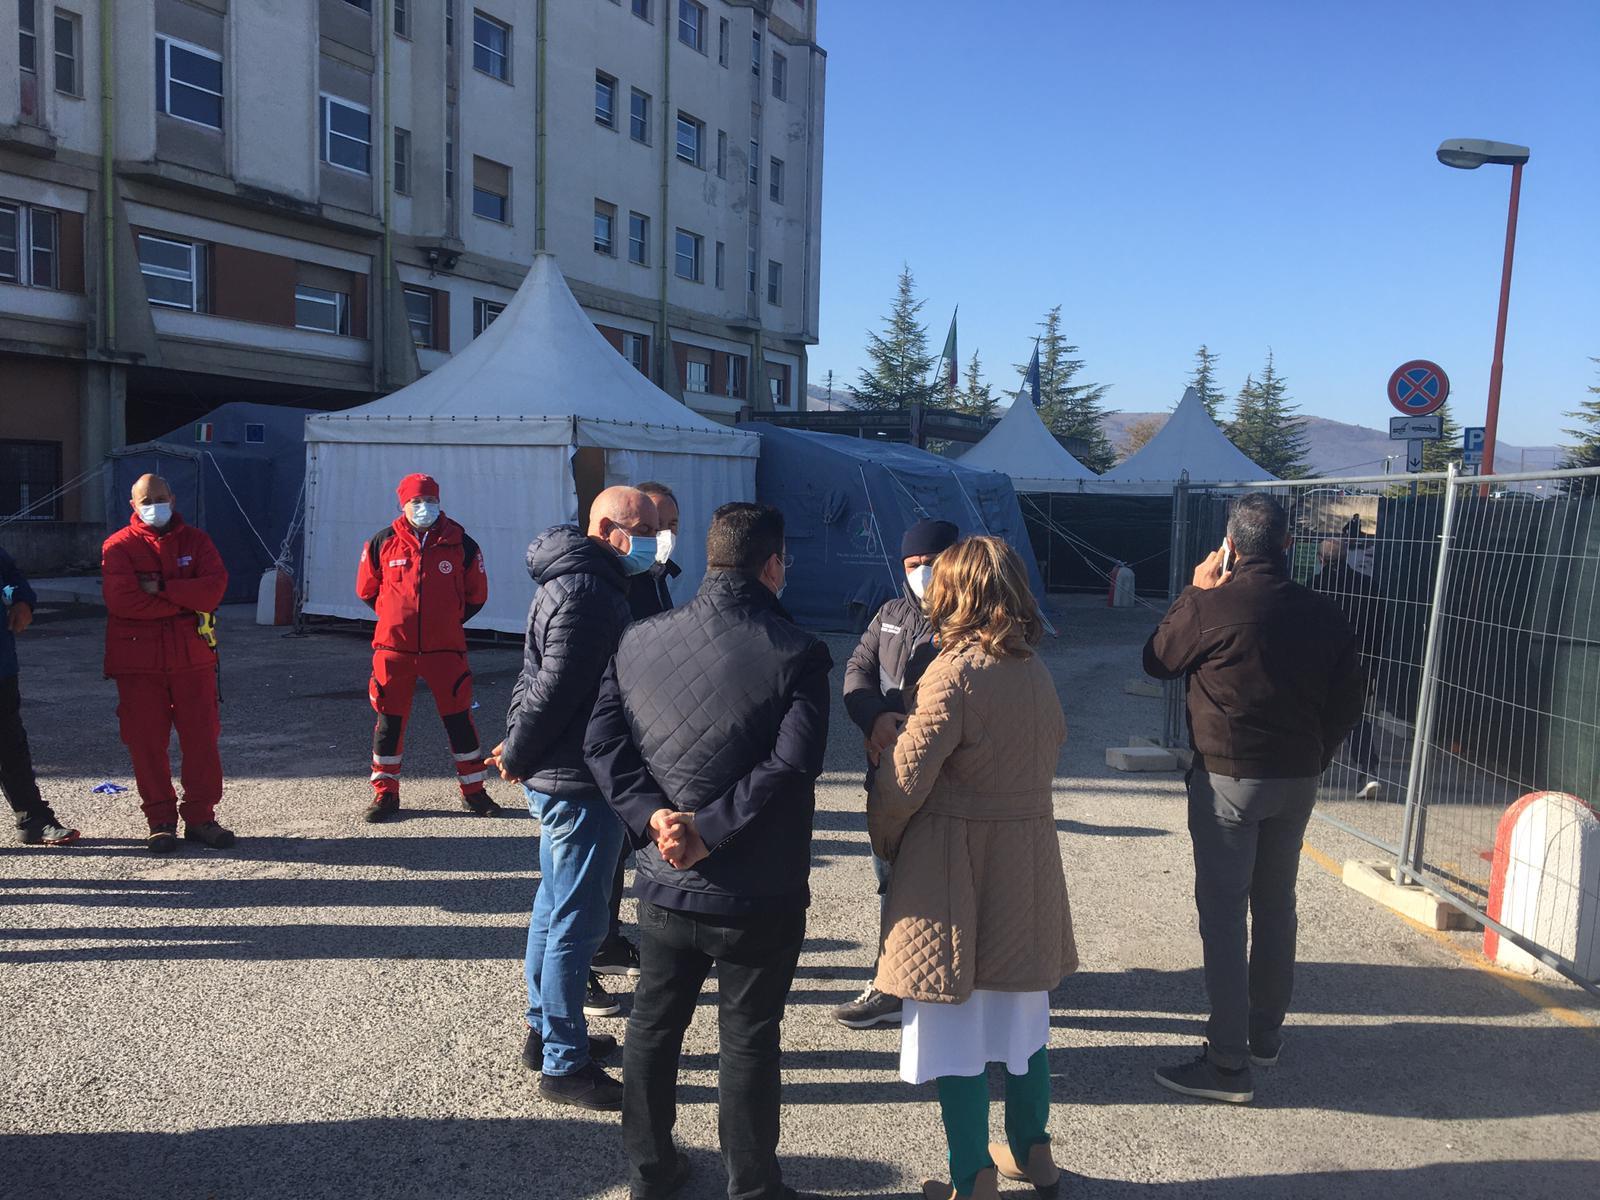 Covid-19 continua lo screening per i comuni della provincia di L'Aquila, trovanti 60 nuovi positivi